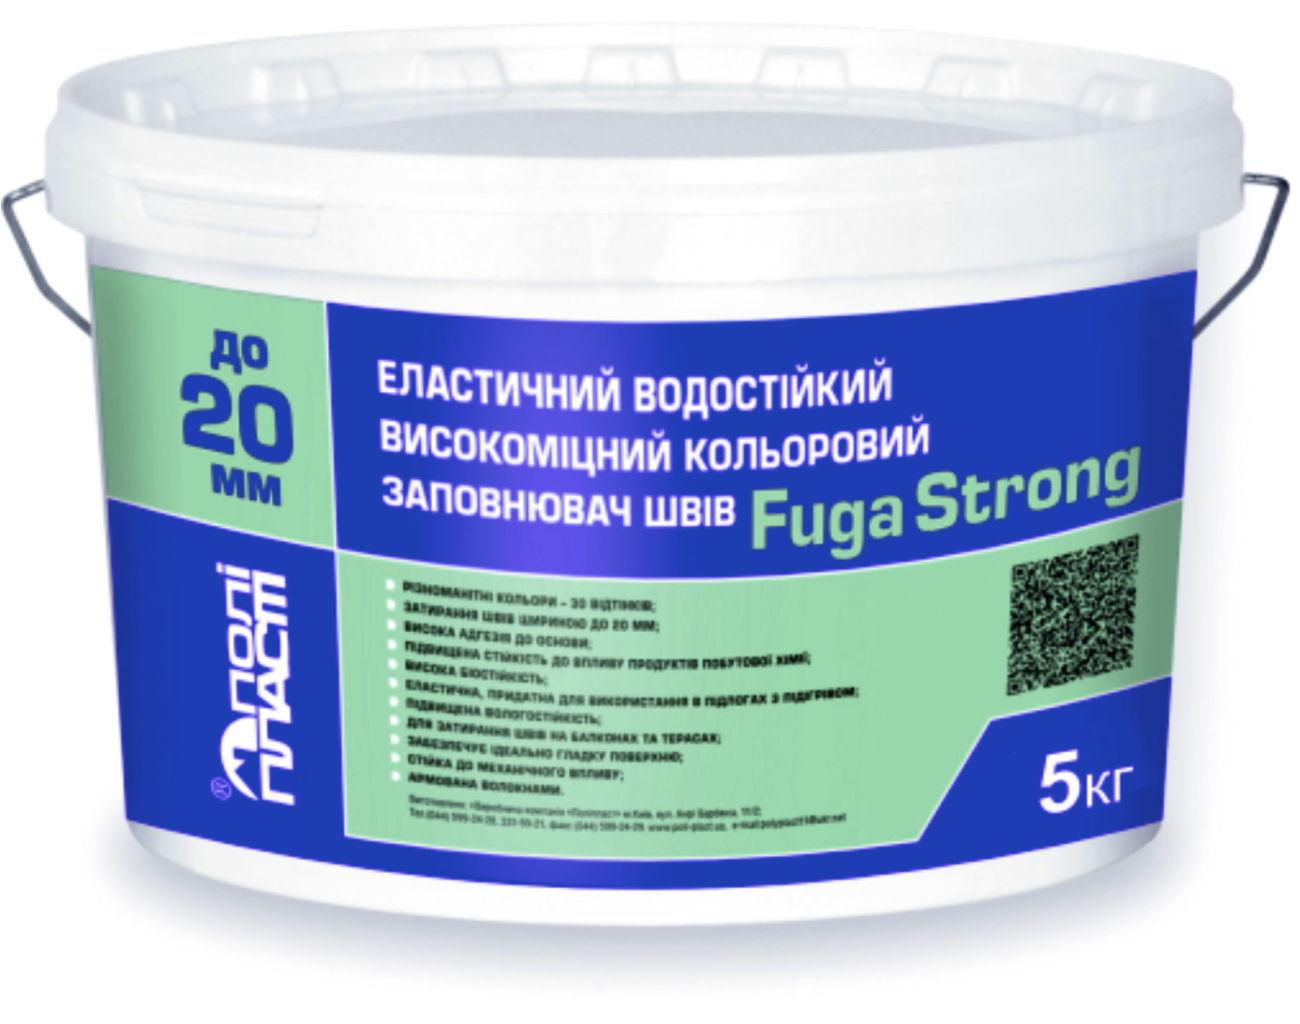 FUGA STRONG